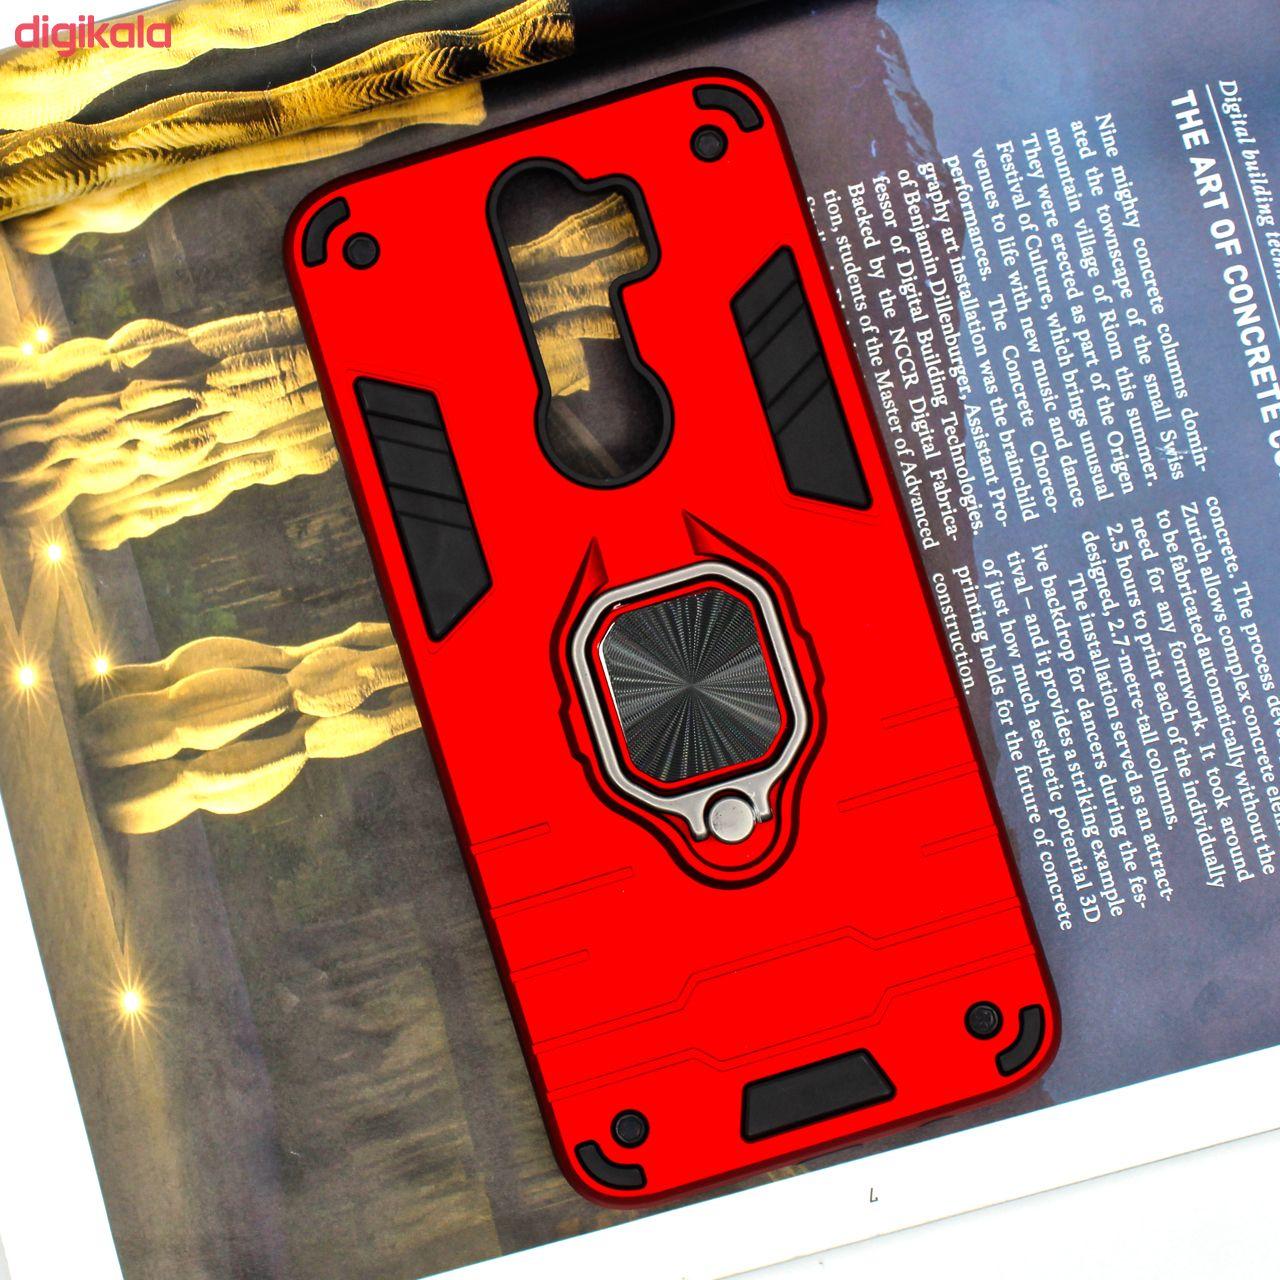 کاور کینگ پاور مدل ASH22 مناسب برای گوشی موبایل شیائومی Redmi Note 8 Pro main 1 7